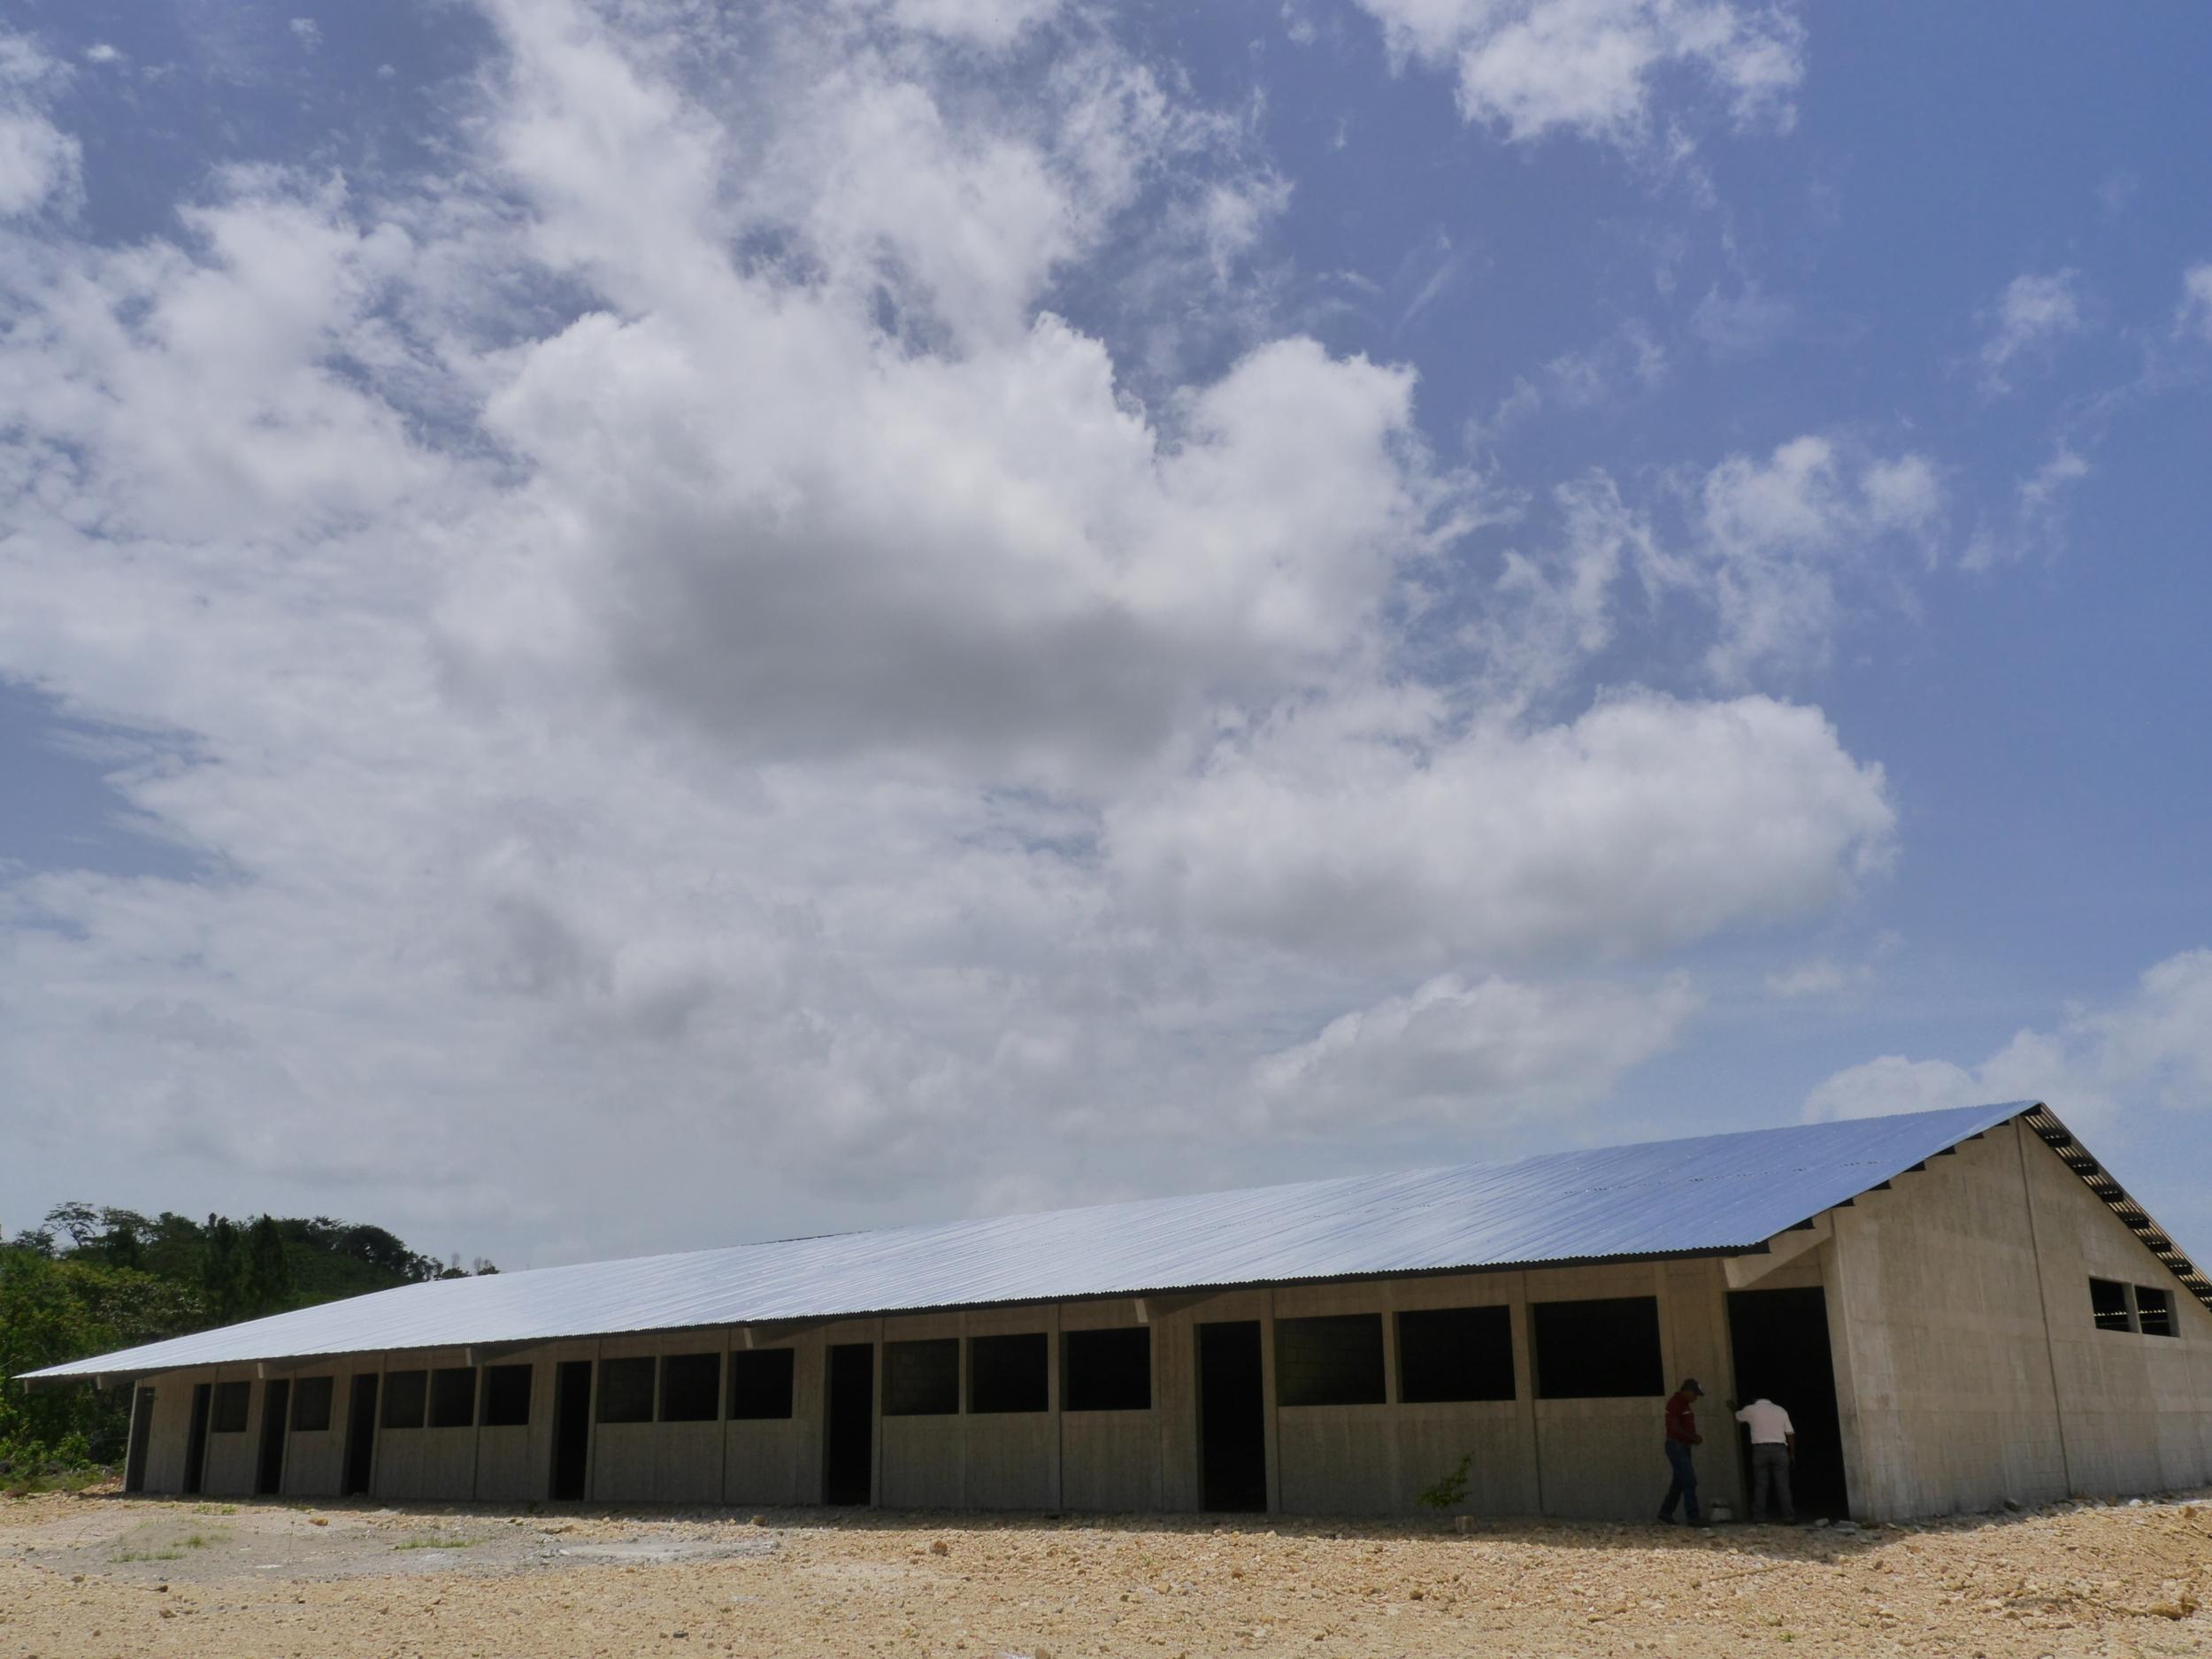 La escuela estáen construcción.